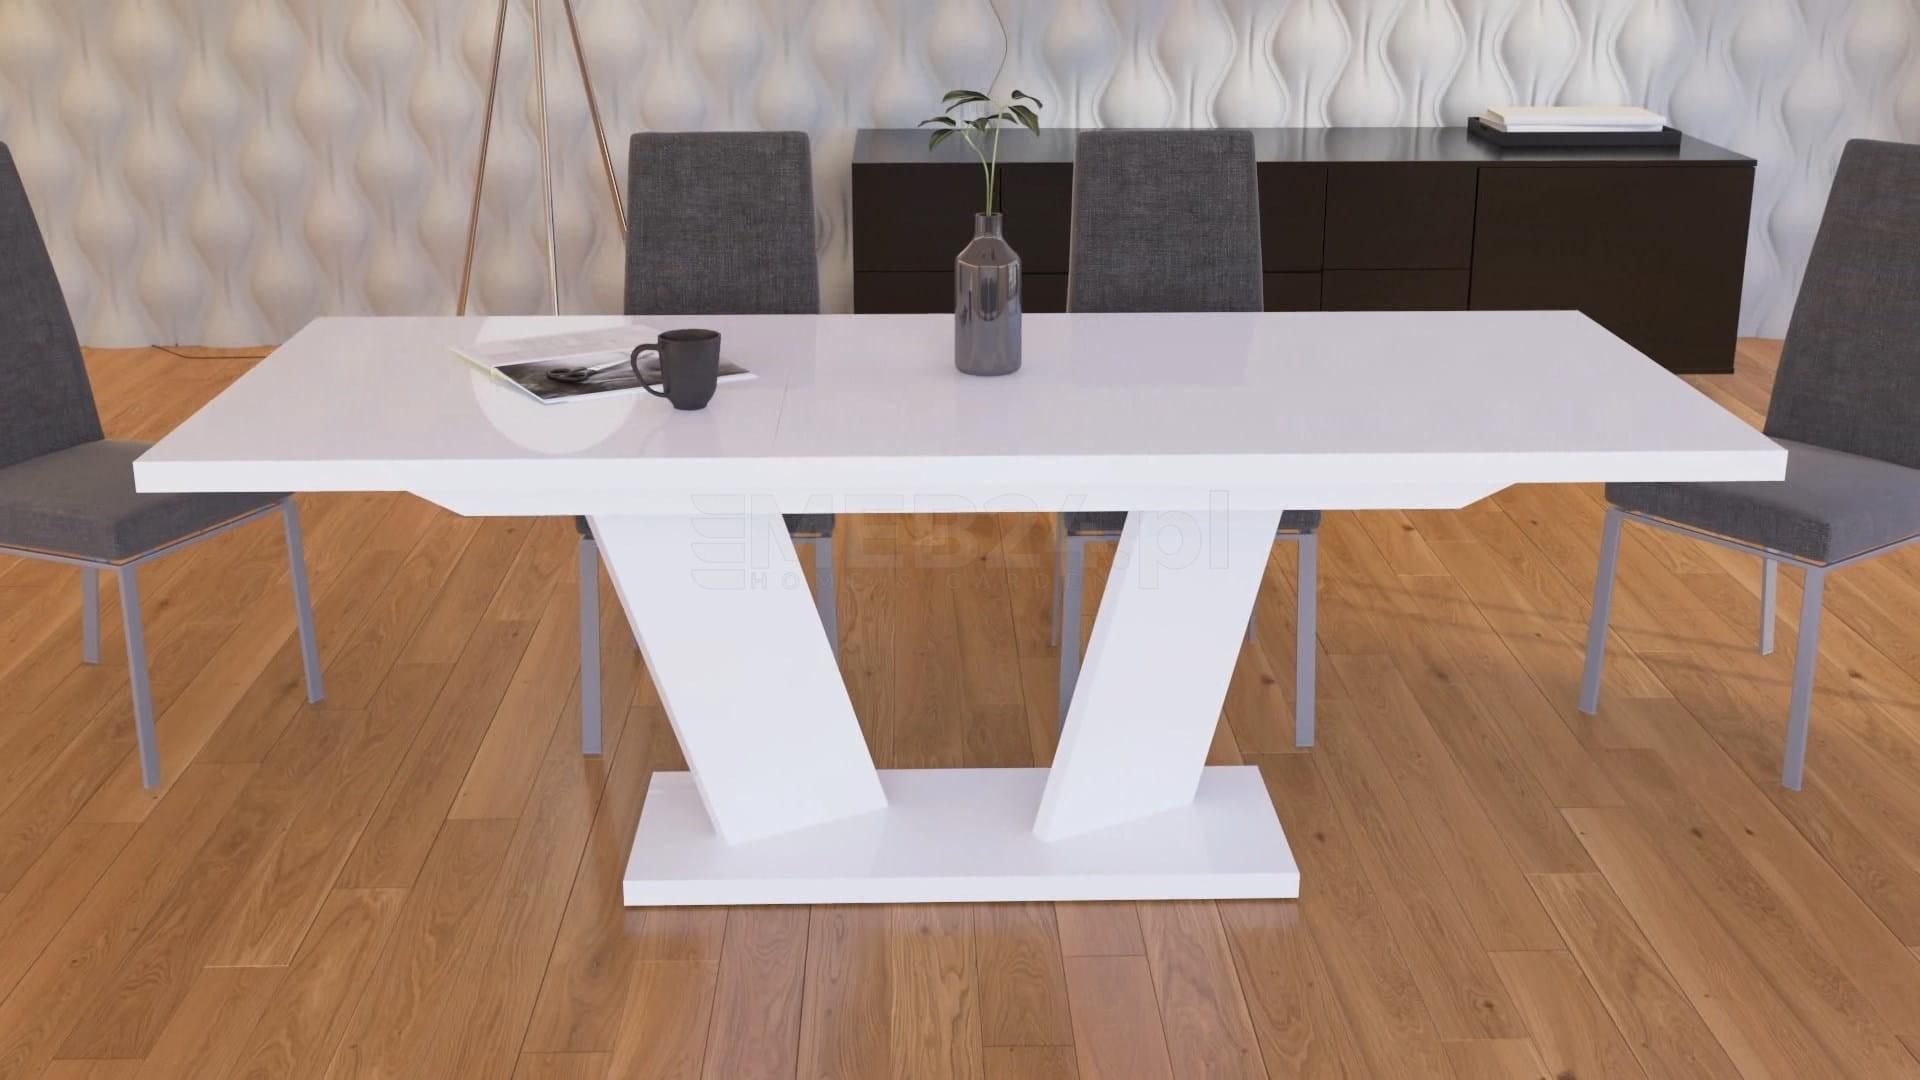 Stół Rozkładany Sommelier Biały Wysoki Połysk Z Kategorii Stoły